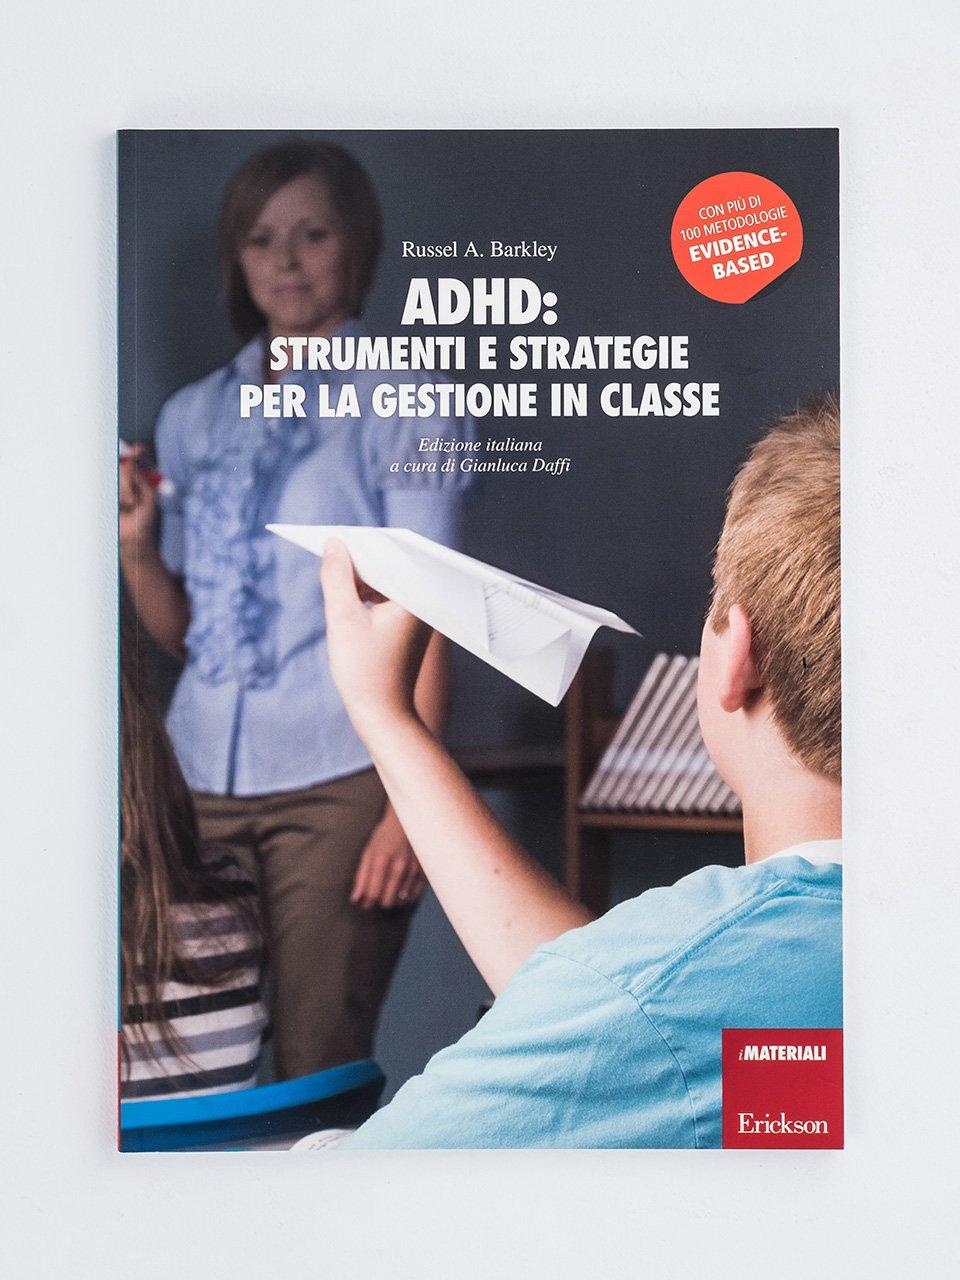 ADHD: strumenti e strategie per la gestione in classe - Disturbi dell'attenzione e iperattività - Libri - Erickson